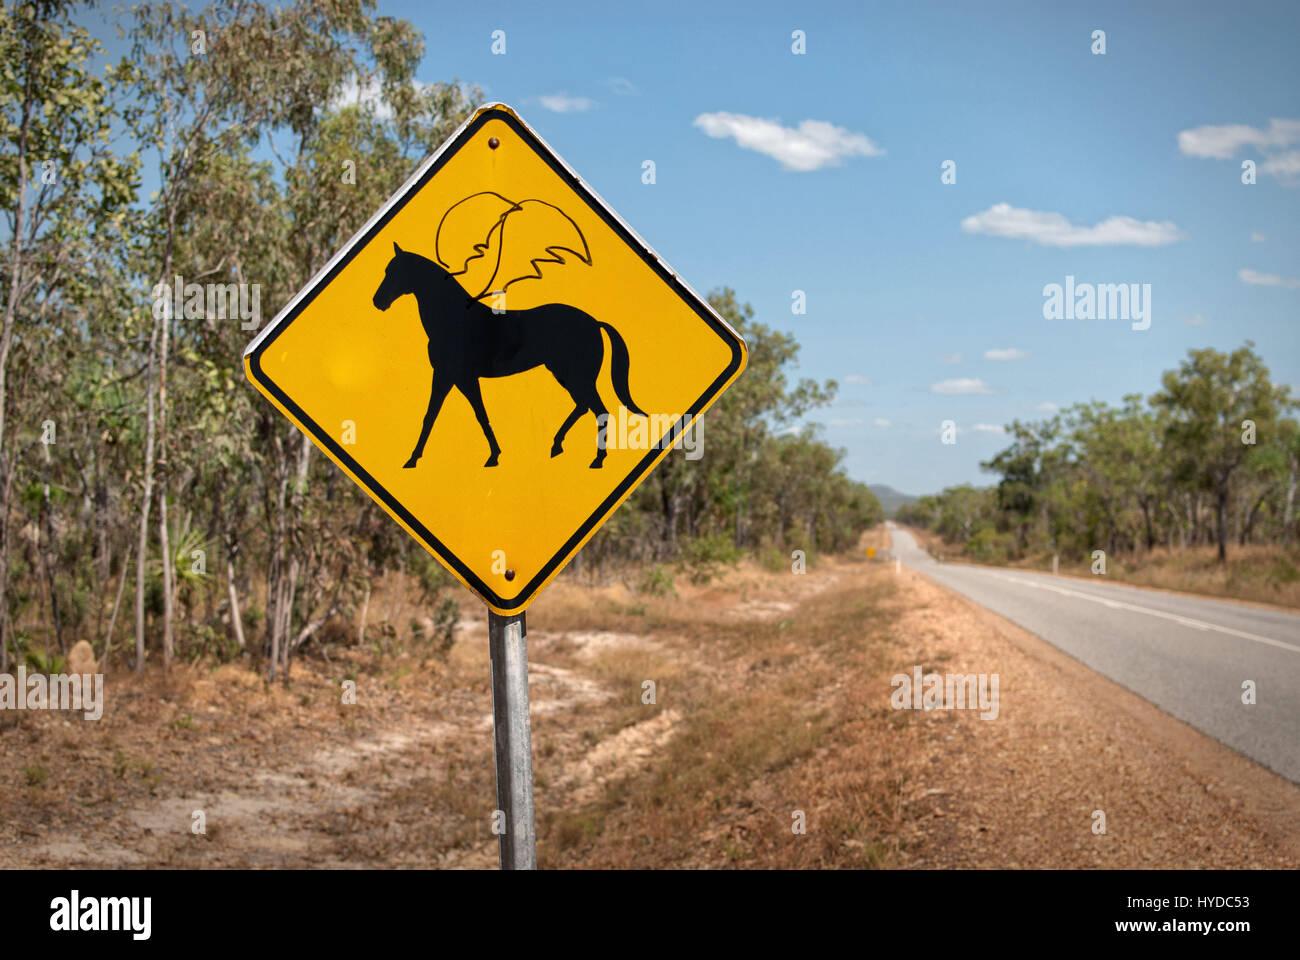 Humorvolle verunstaltete Warnzeichen zeigen geflügelte Pferde voraus. Northern Territories, Australien Stockfoto